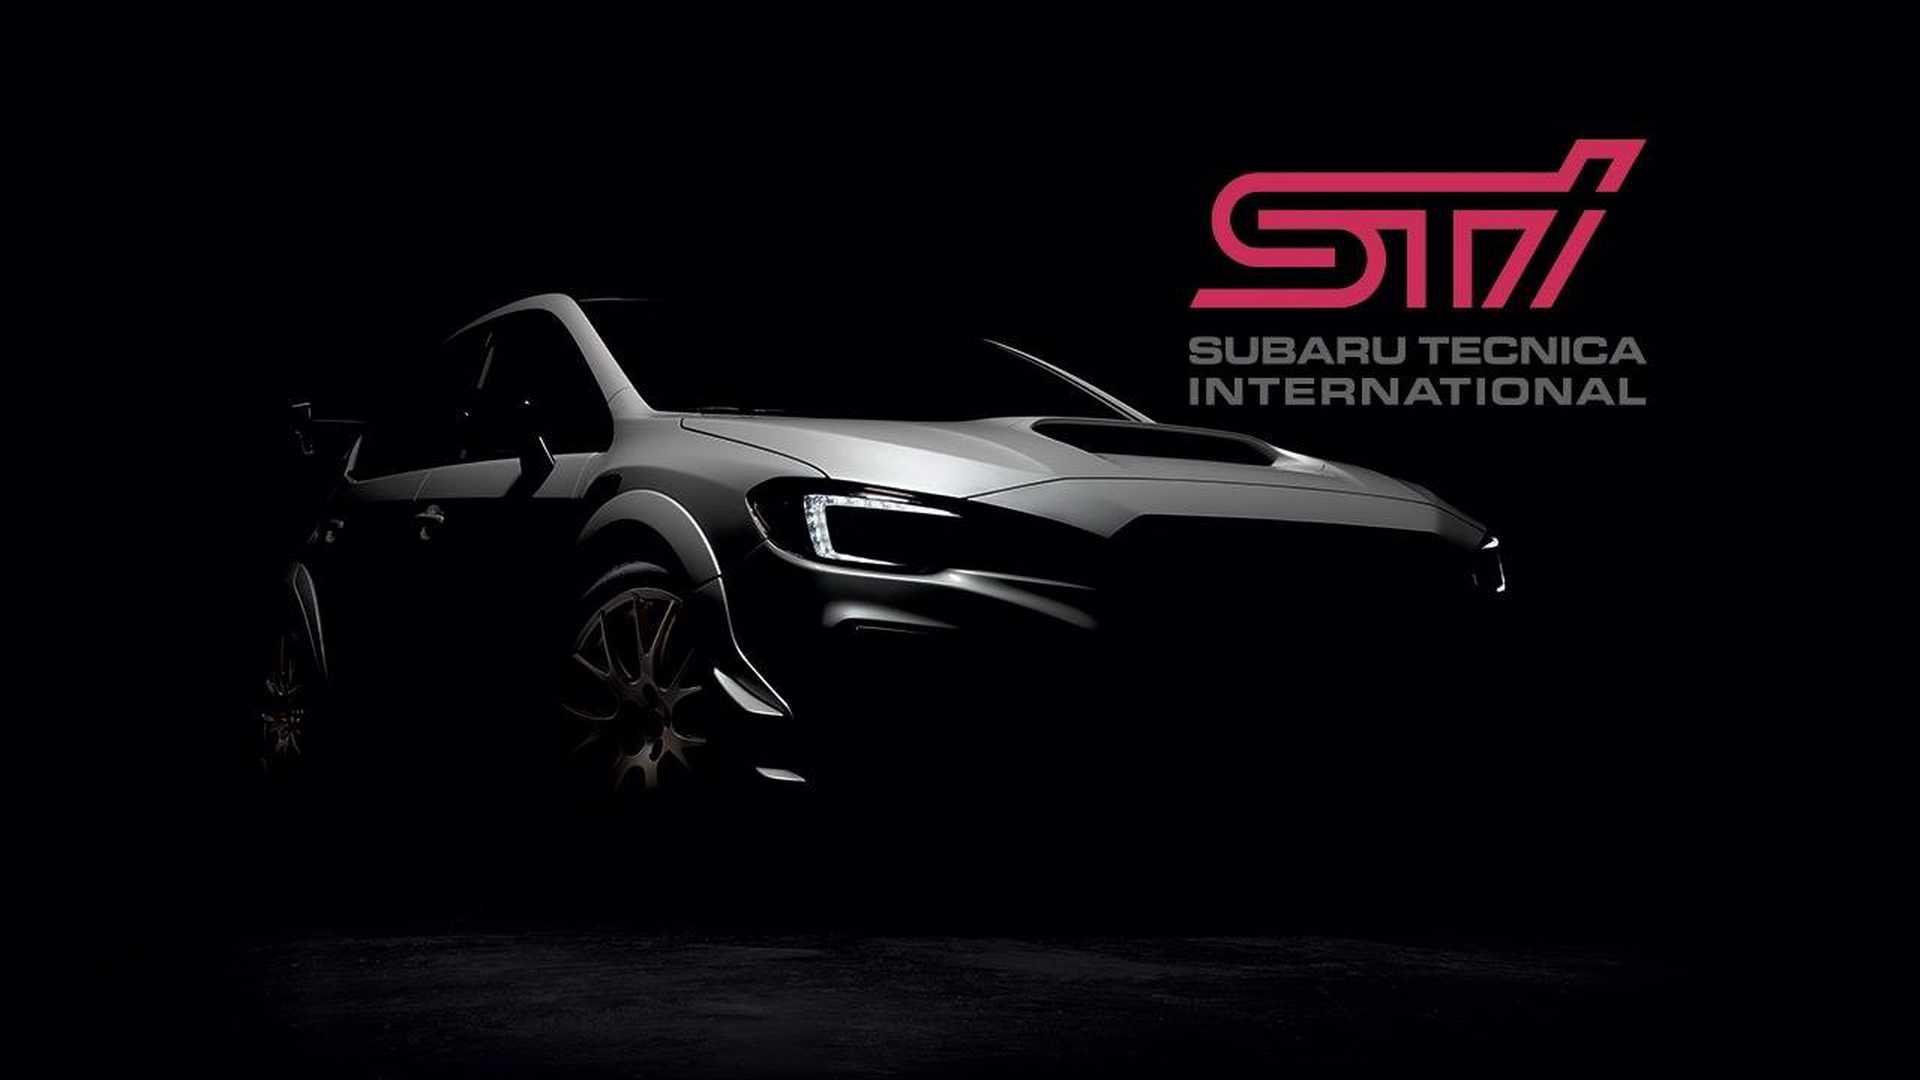 43 Best Review 2020 Subaru Wrx Sti Release Date Spesification by 2020 Subaru Wrx Sti Release Date